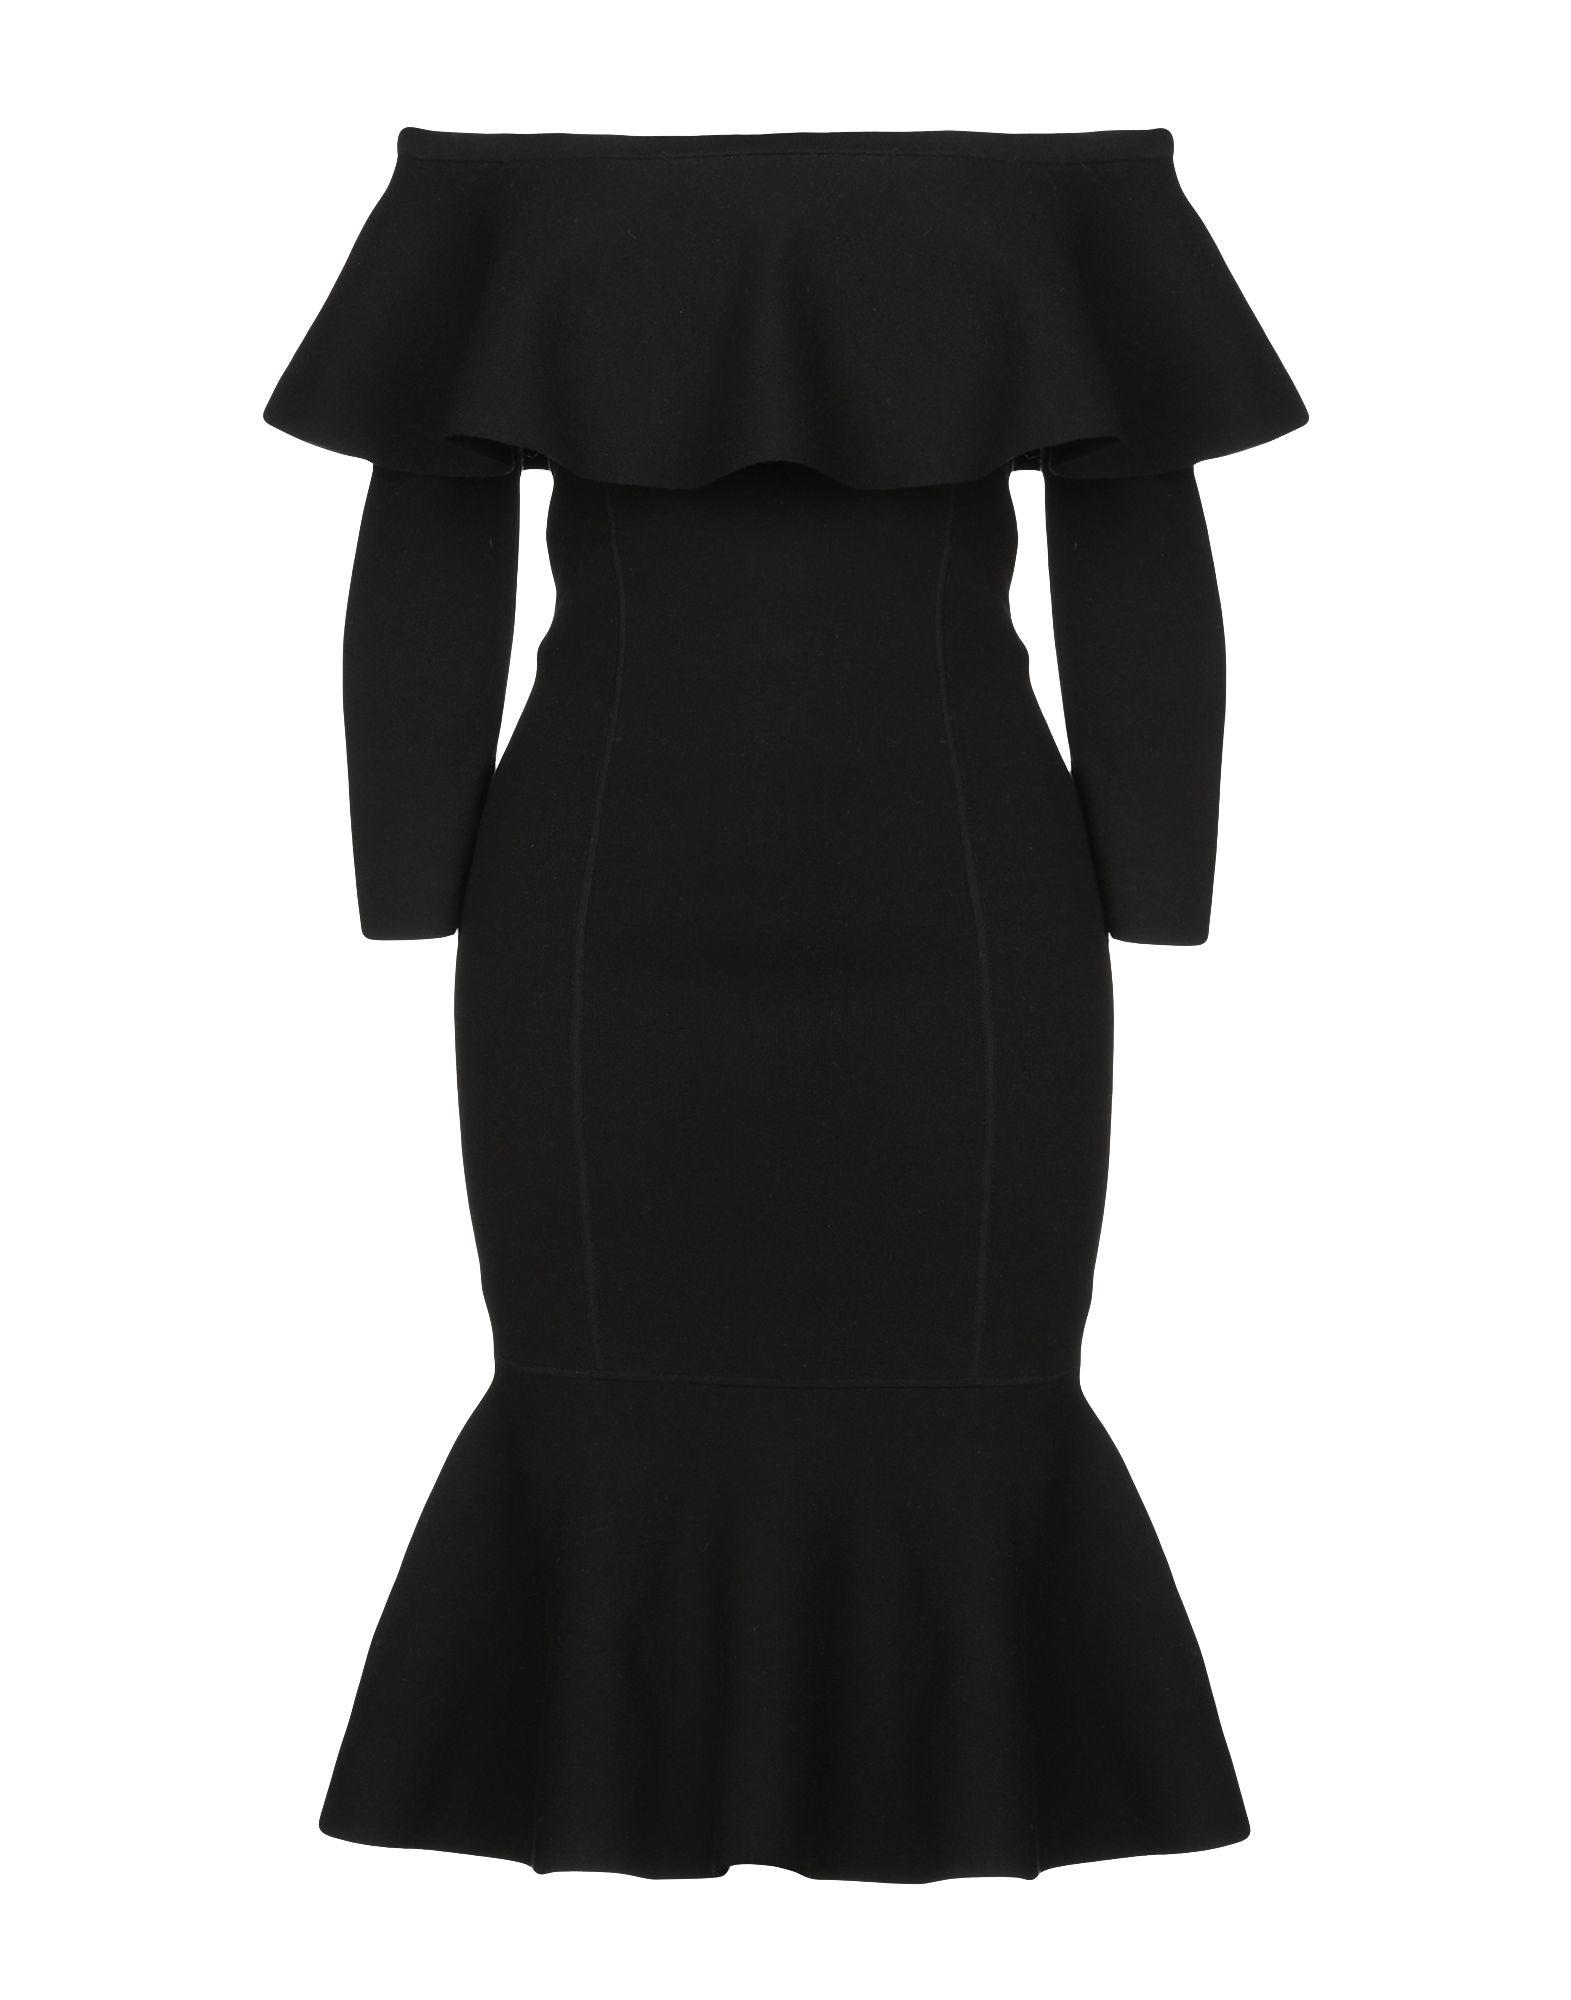 Фото - MICHAEL KORS COLLECTION Короткое платье michael kors collection юбка длиной 3 4